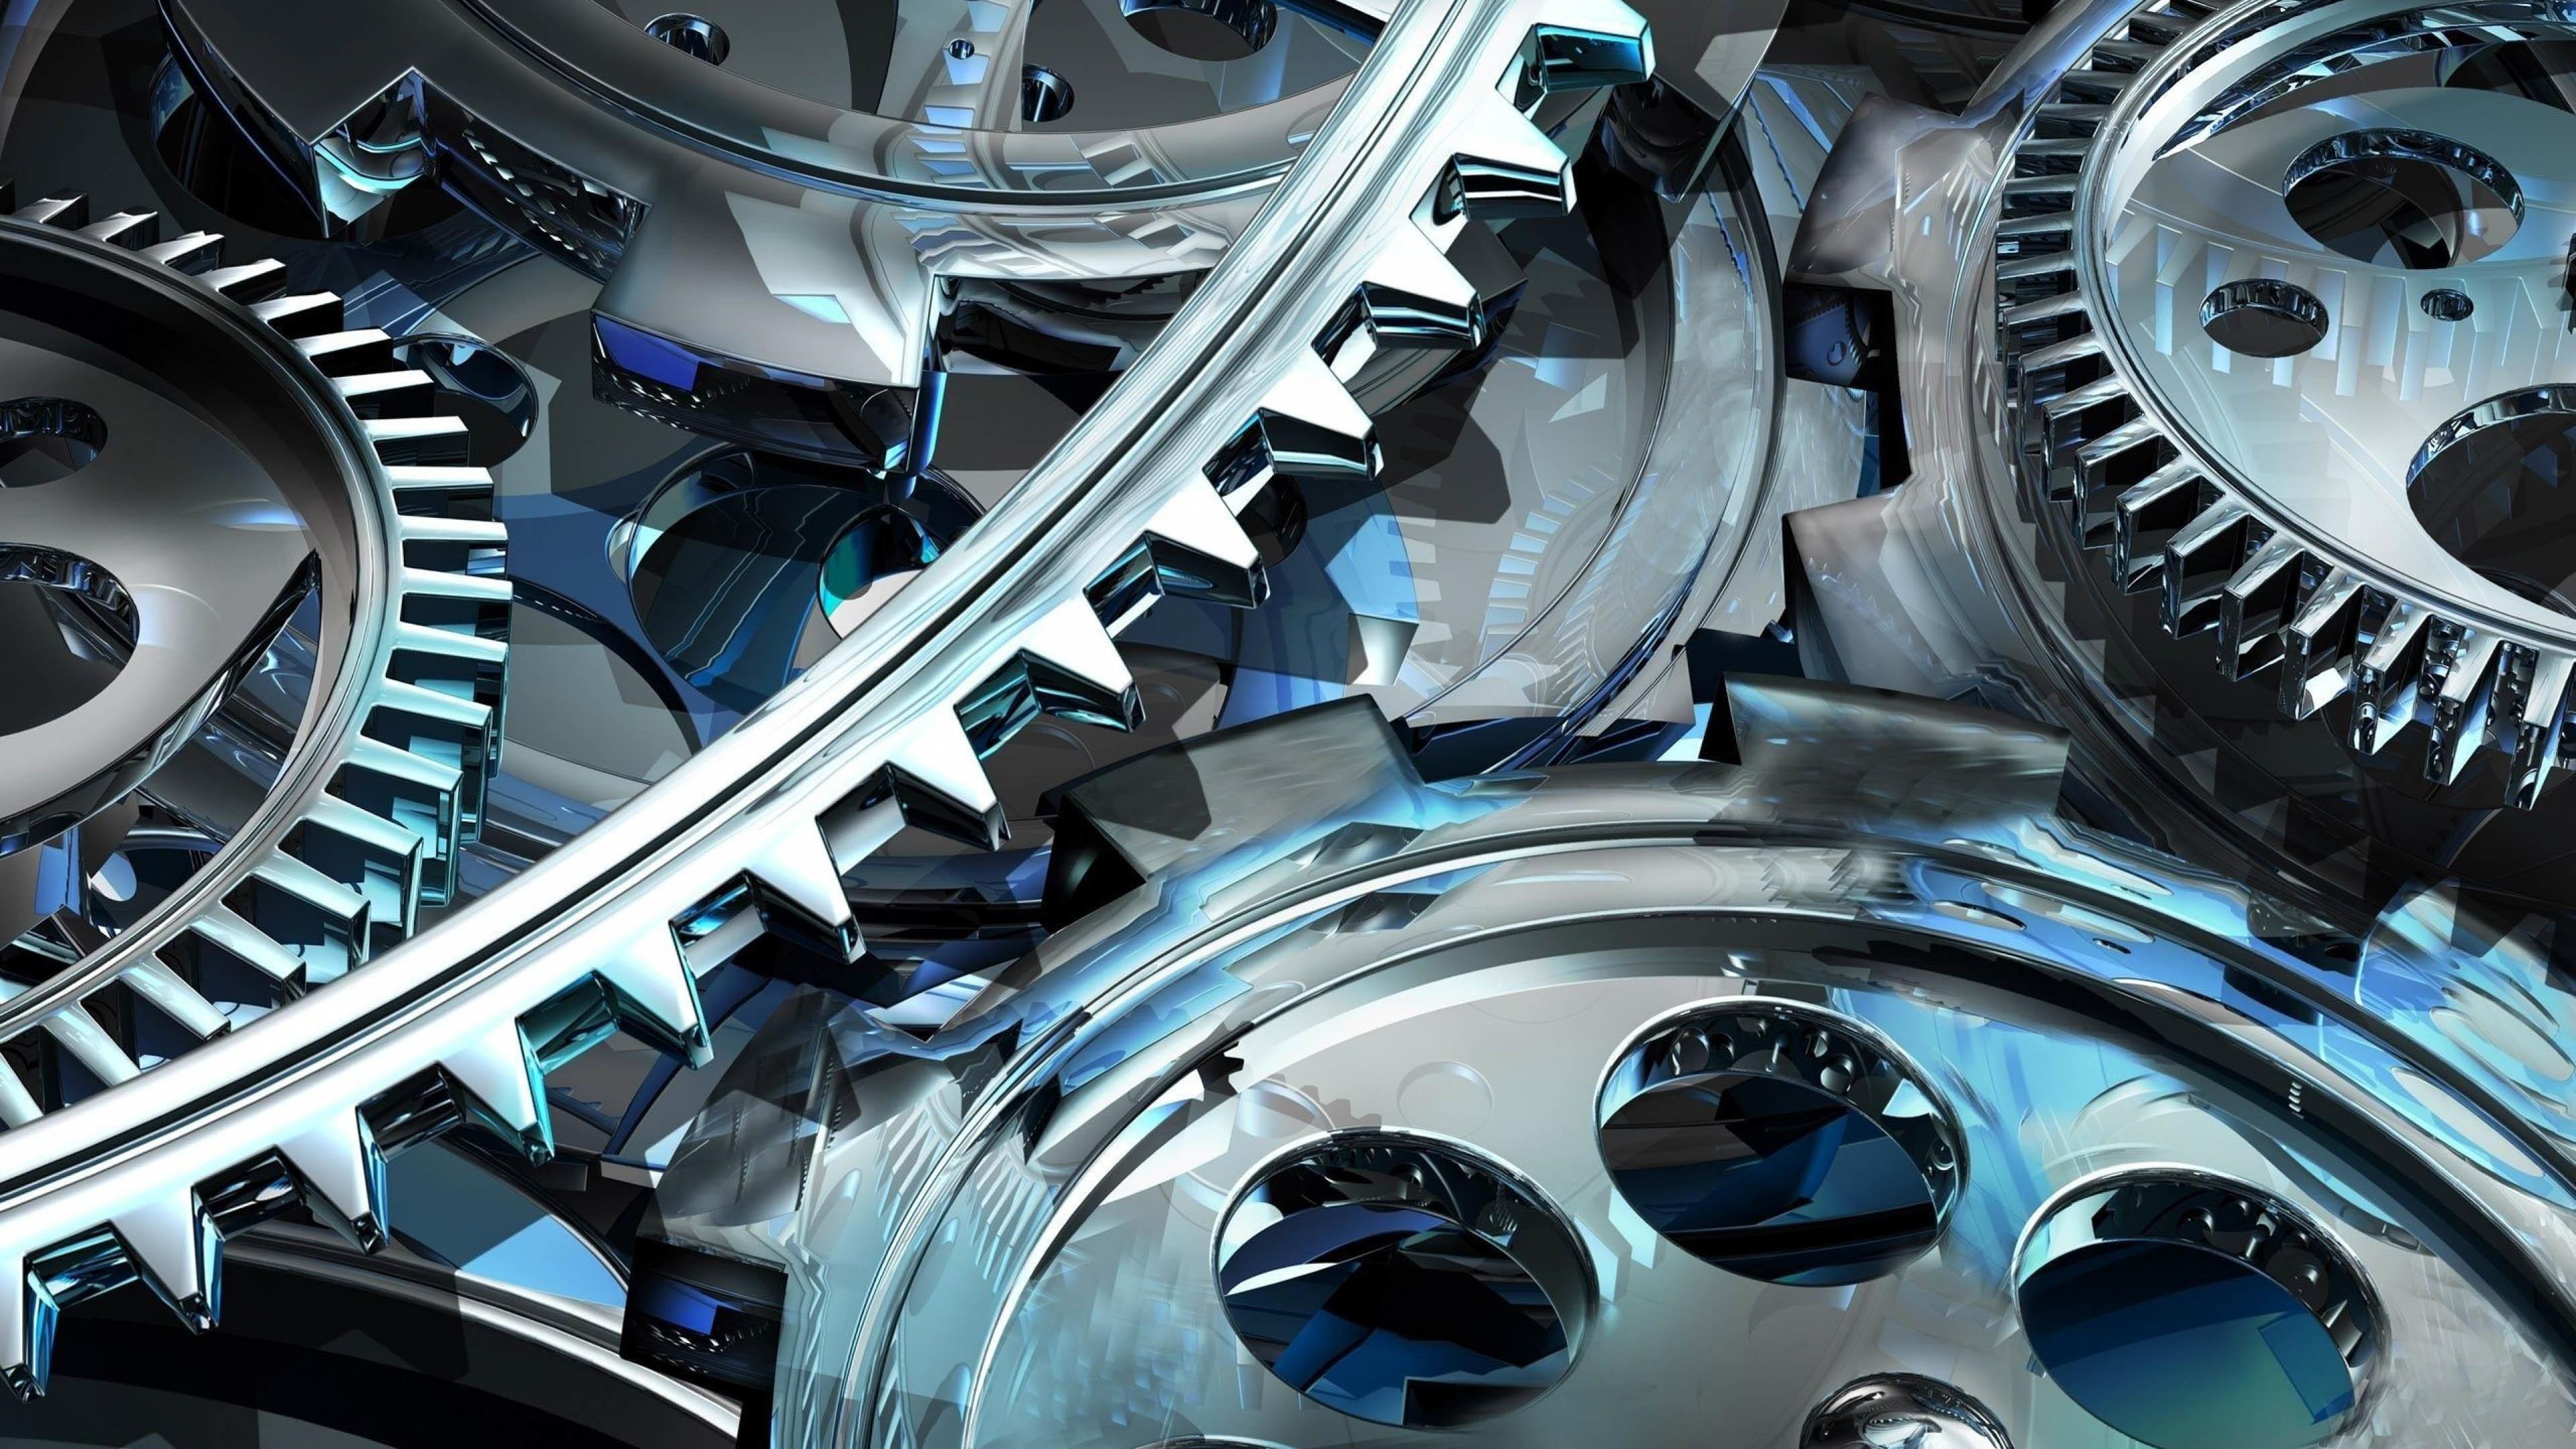 3D Gear Wheels wallpaper